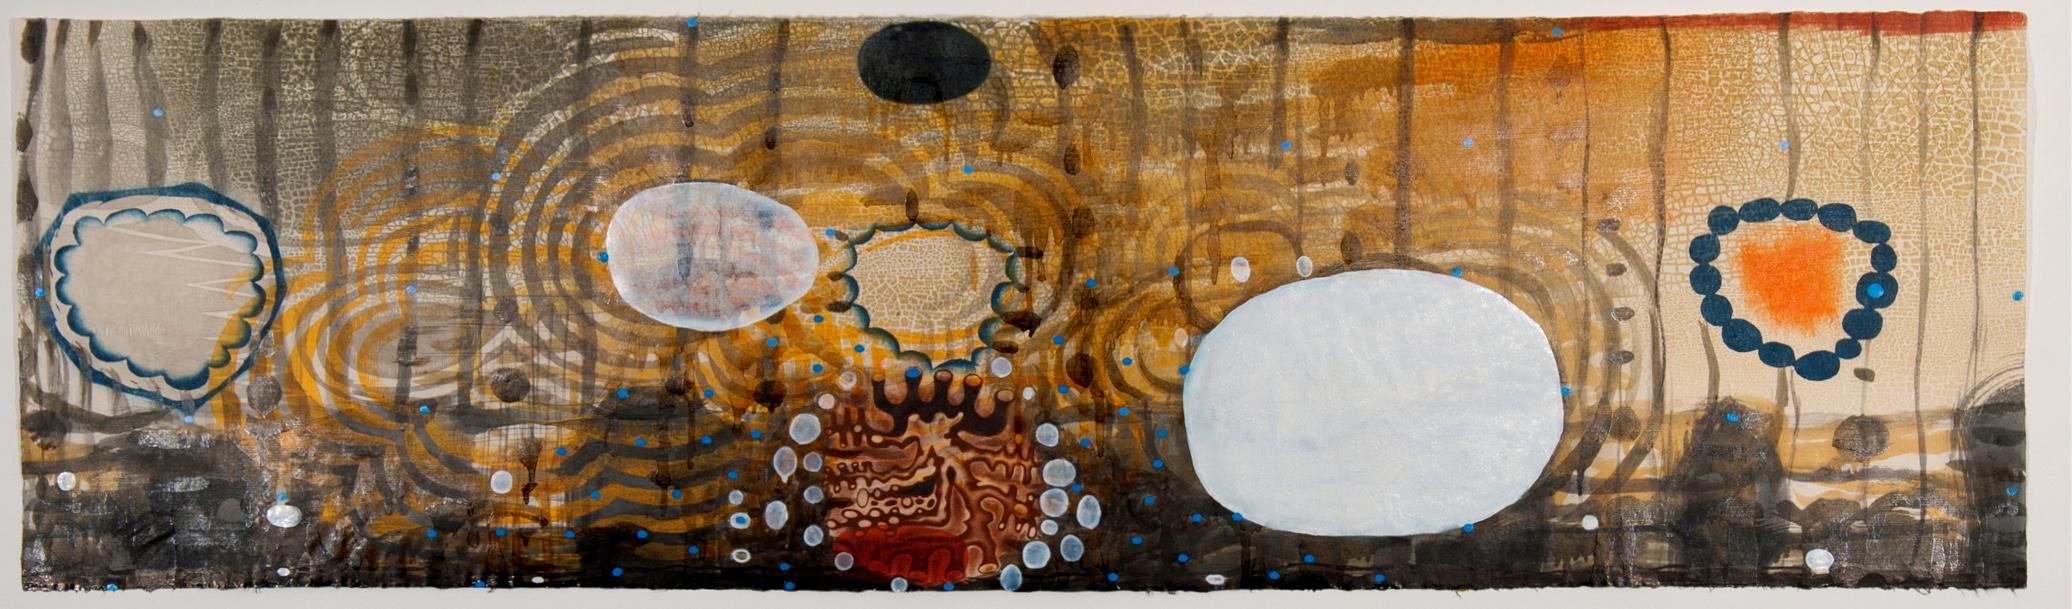 """Artwork by Karen Kunc: """"Aqua Regia,"""" 2010, woodcut, mezzotint, screenprint"""